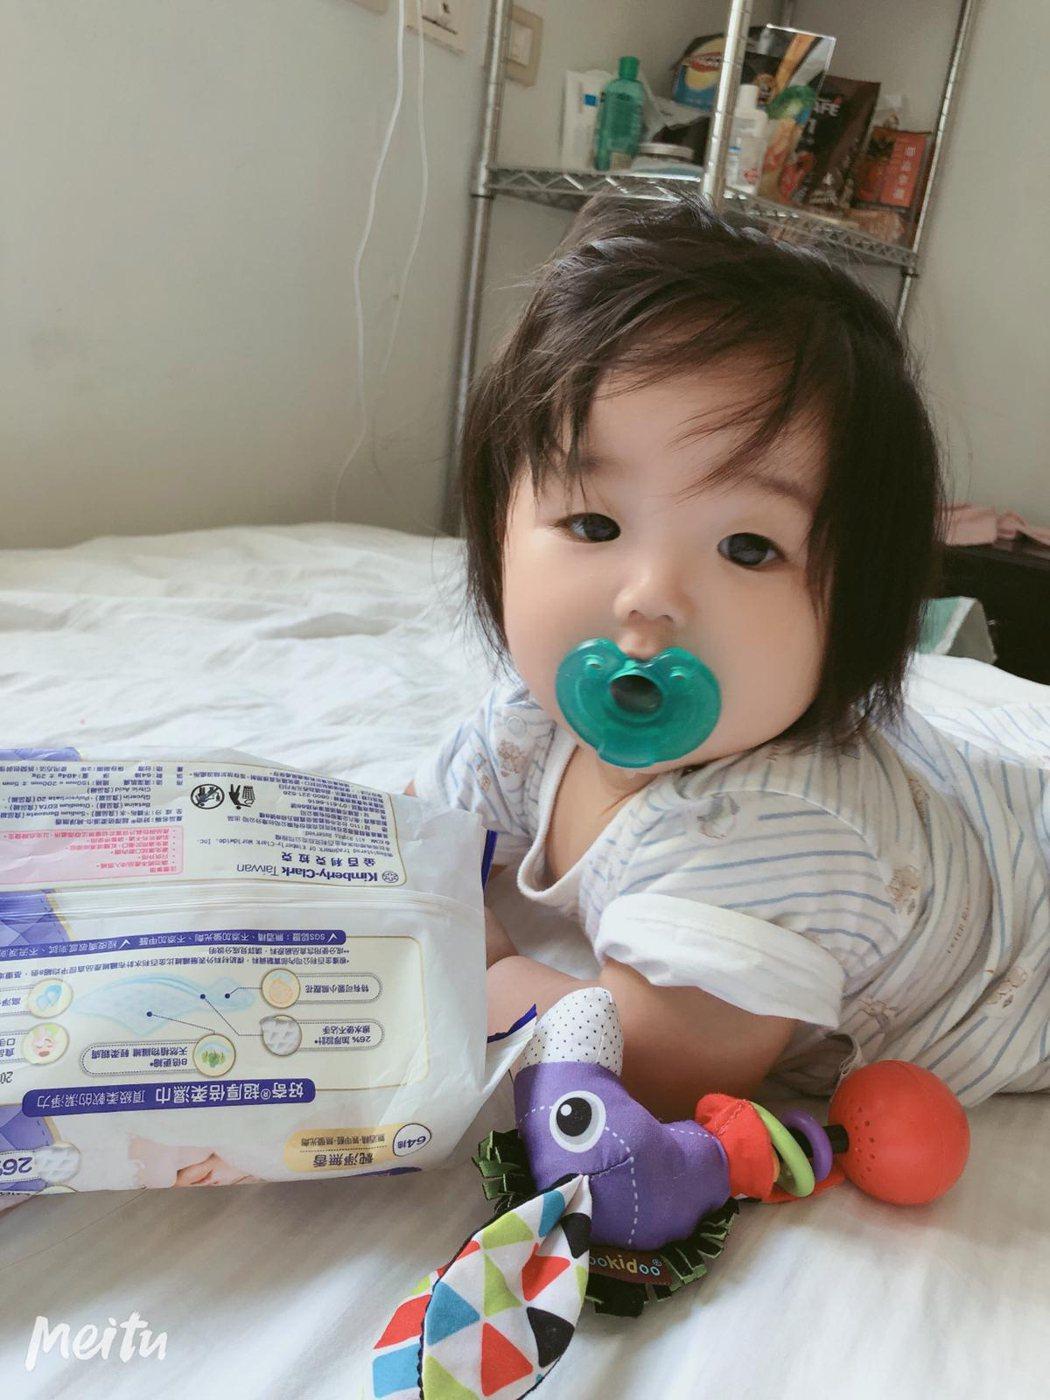 黃美珍女兒「小星」被誇是「嬰兒界林志玲」。圖/Superfanz提供